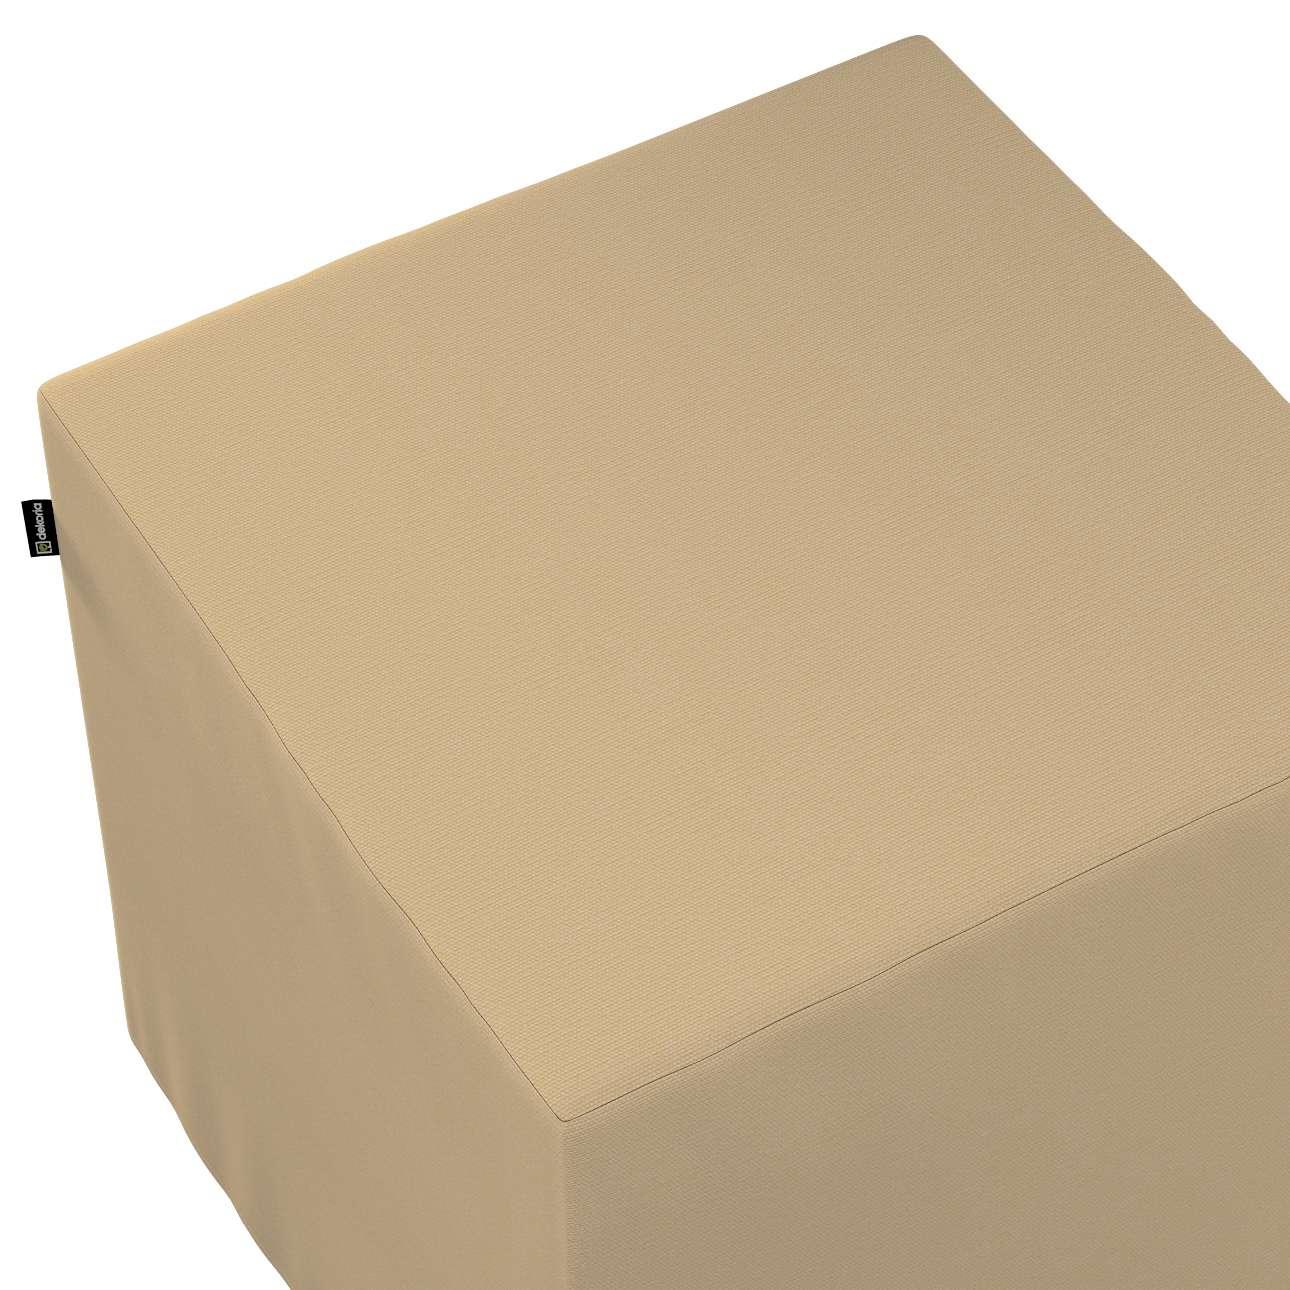 Bezug für Sitzwürfel von der Kollektion Cotton Panama, Stoff: 702-01